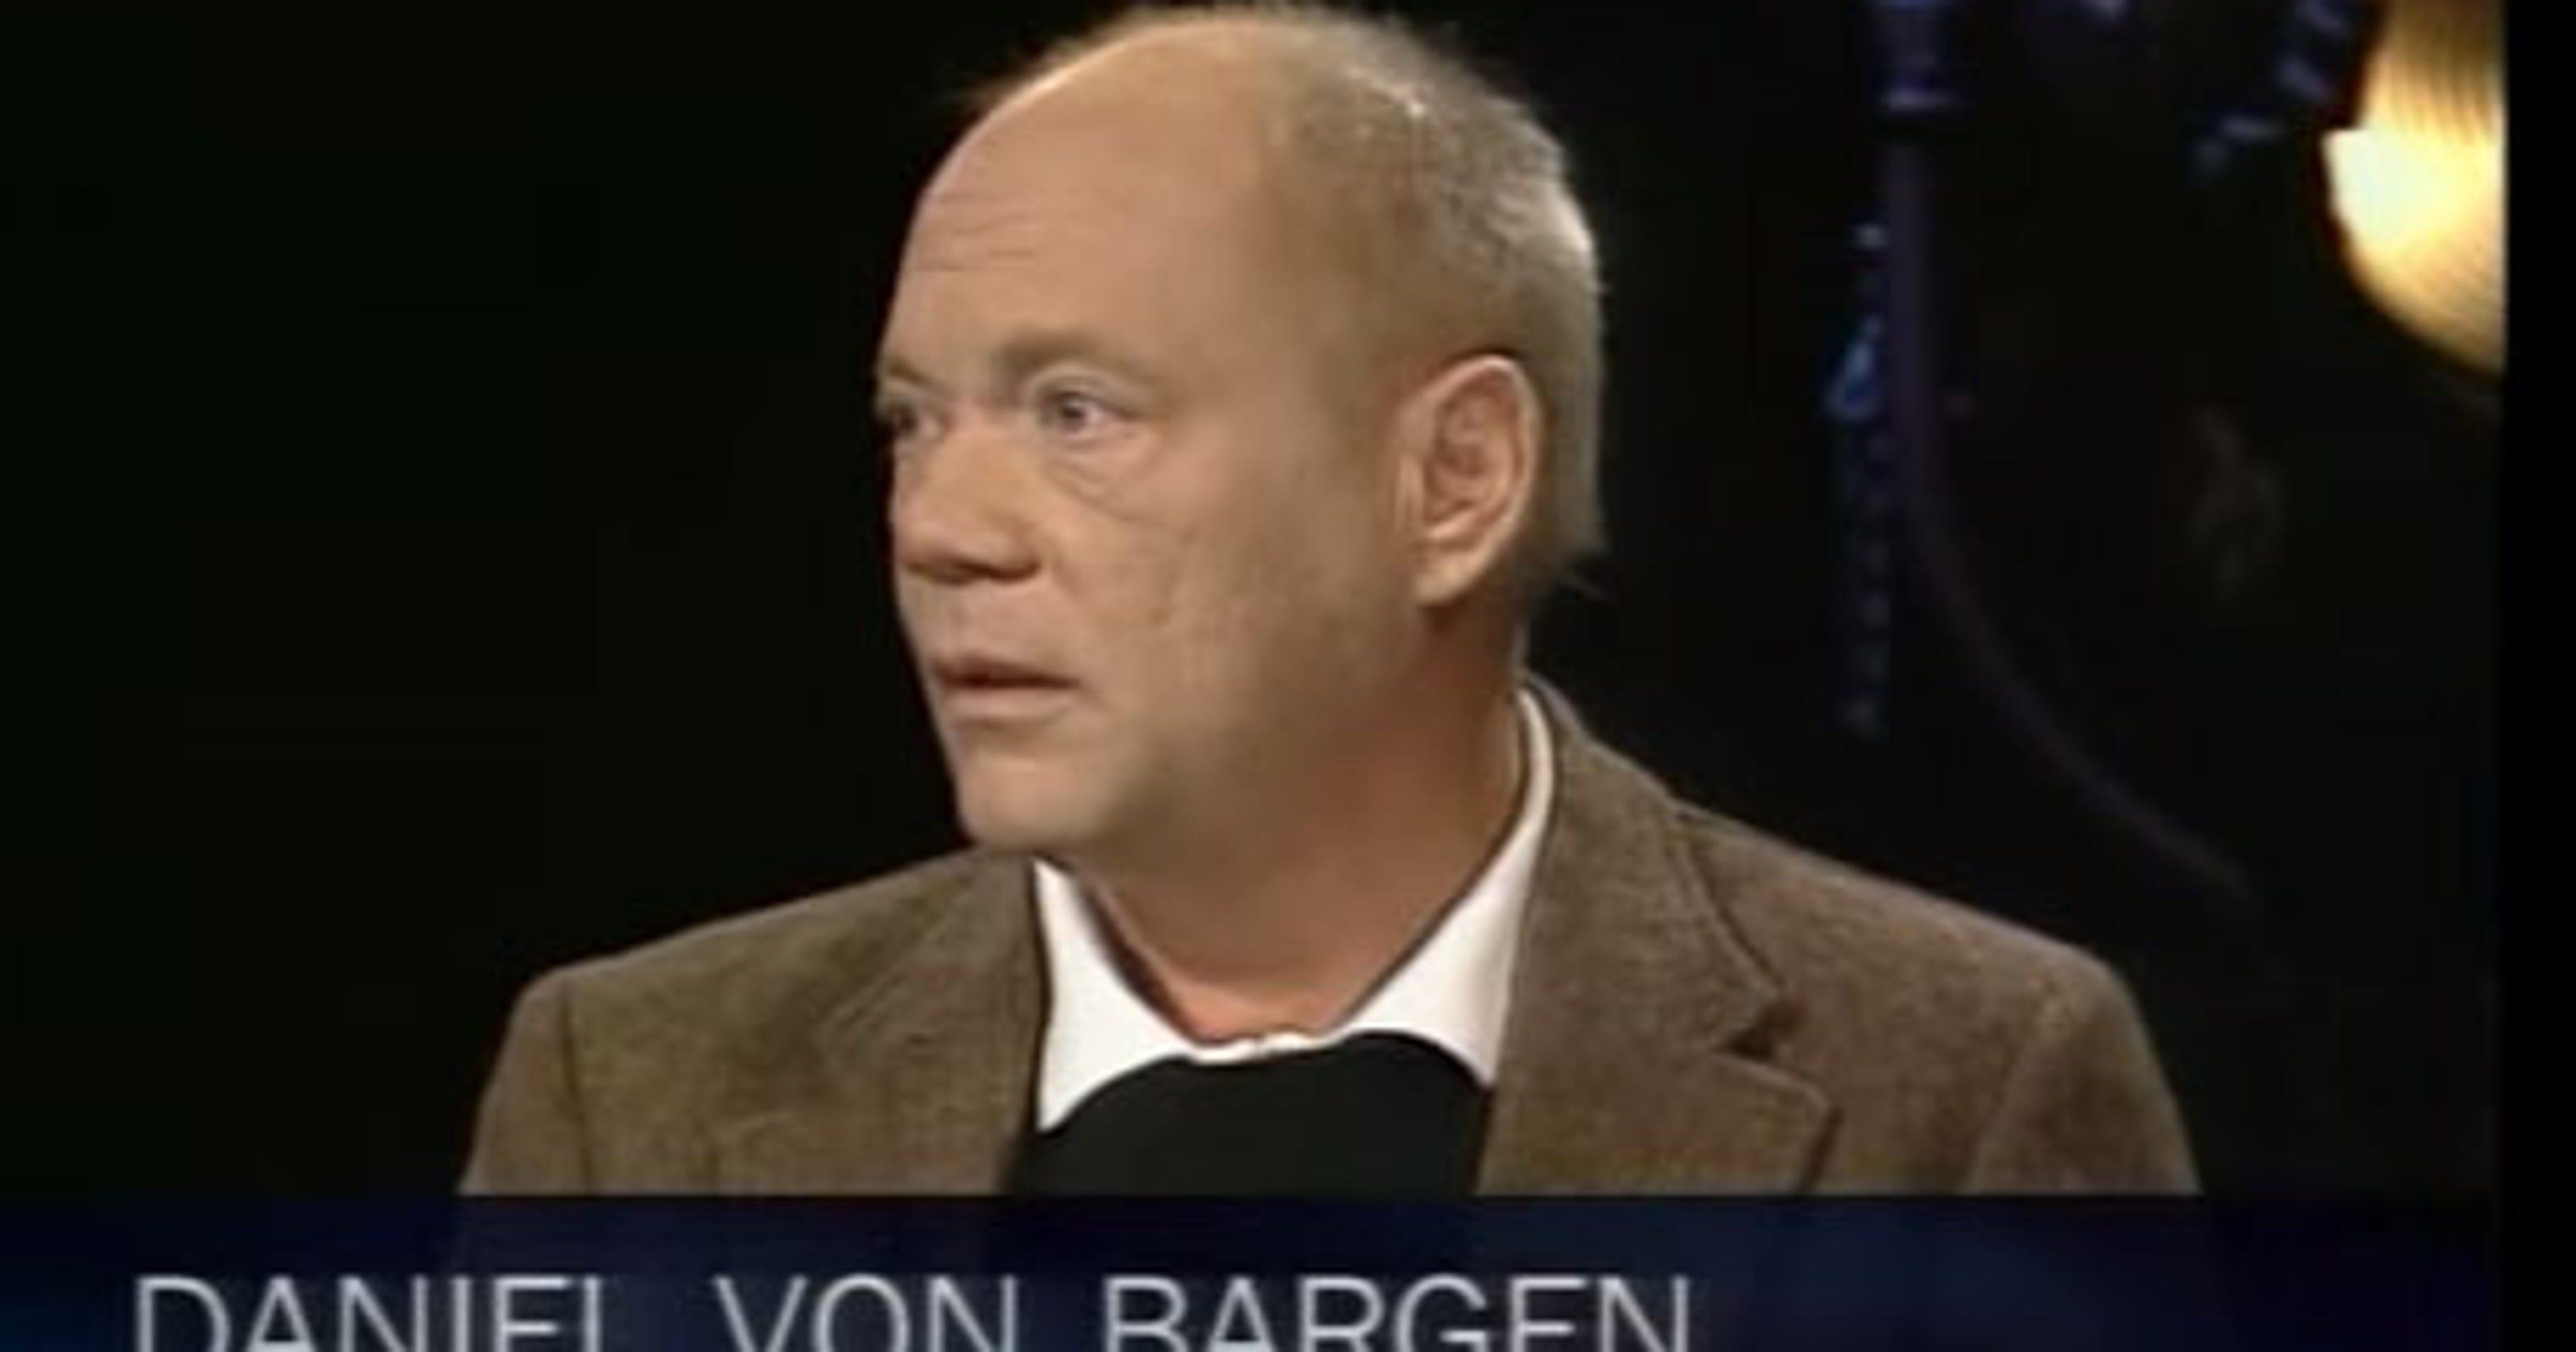 6e61f47d2a  Seinfeld  actor Daniel von Bargen dies at 64